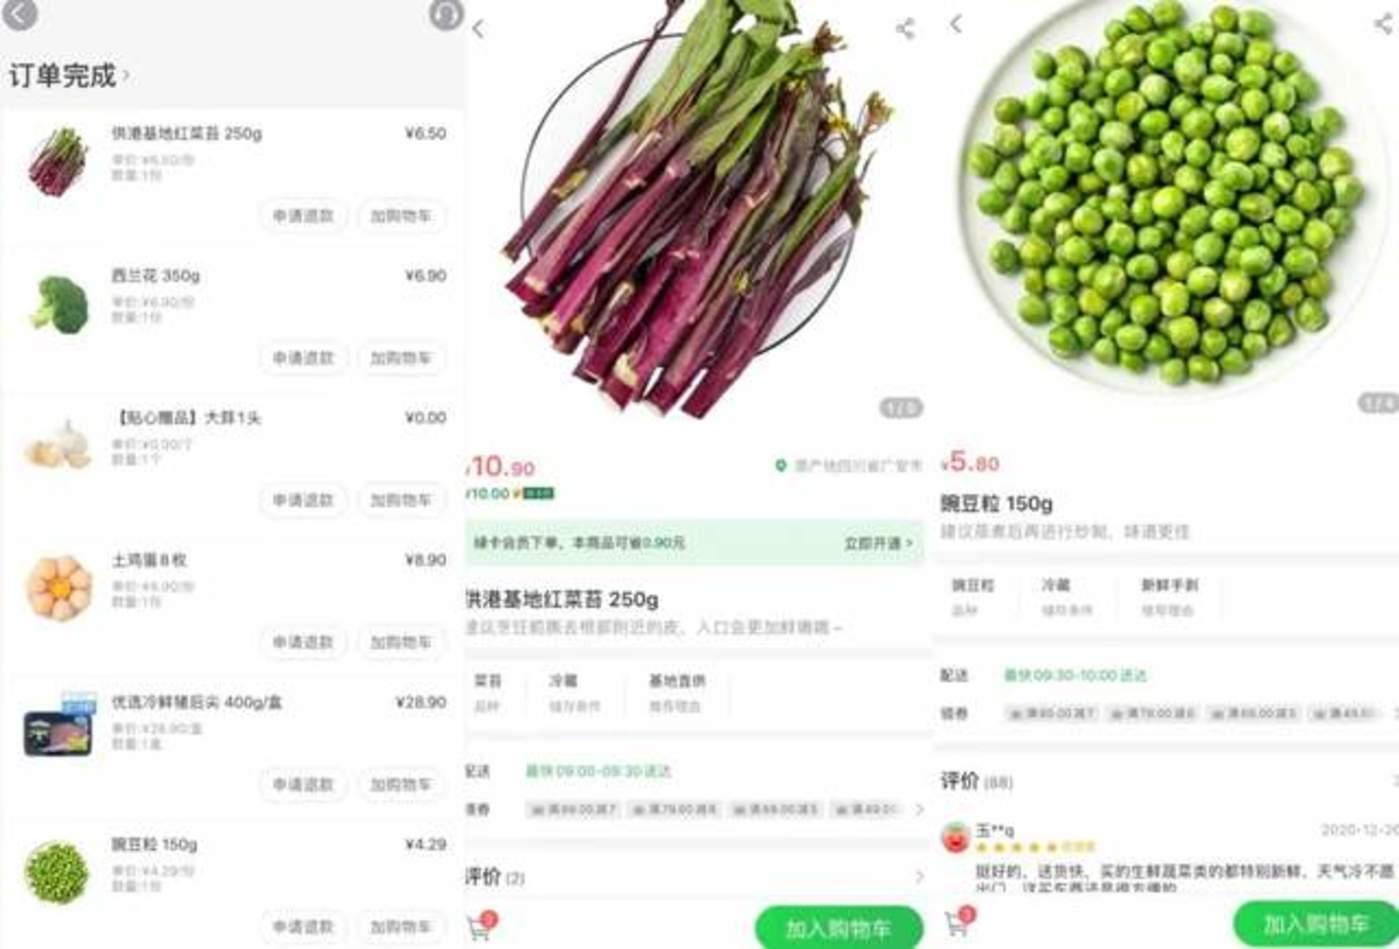 燕子1月20日在叮咚买菜上的购物截图(左)1月26日红菜苔涨到10.9元250g(中)豌豆粒涨到5.8元150g(右)